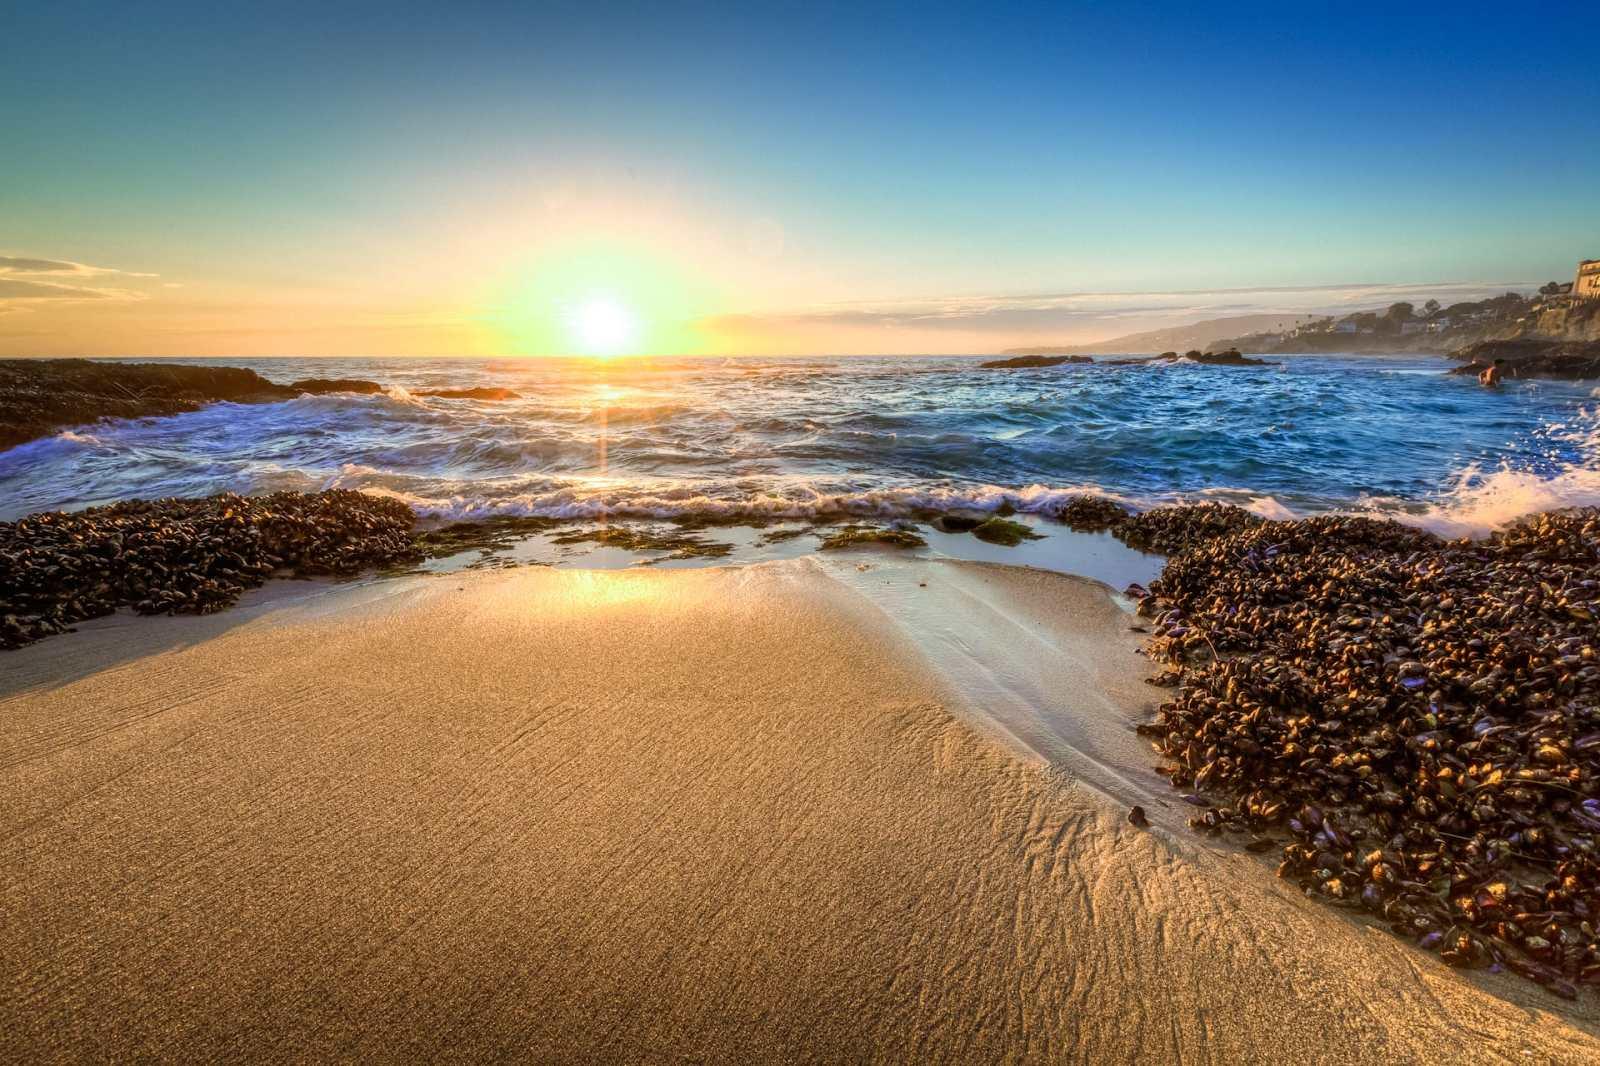 HDR Photo of Victoria Beach in Laguna Beach